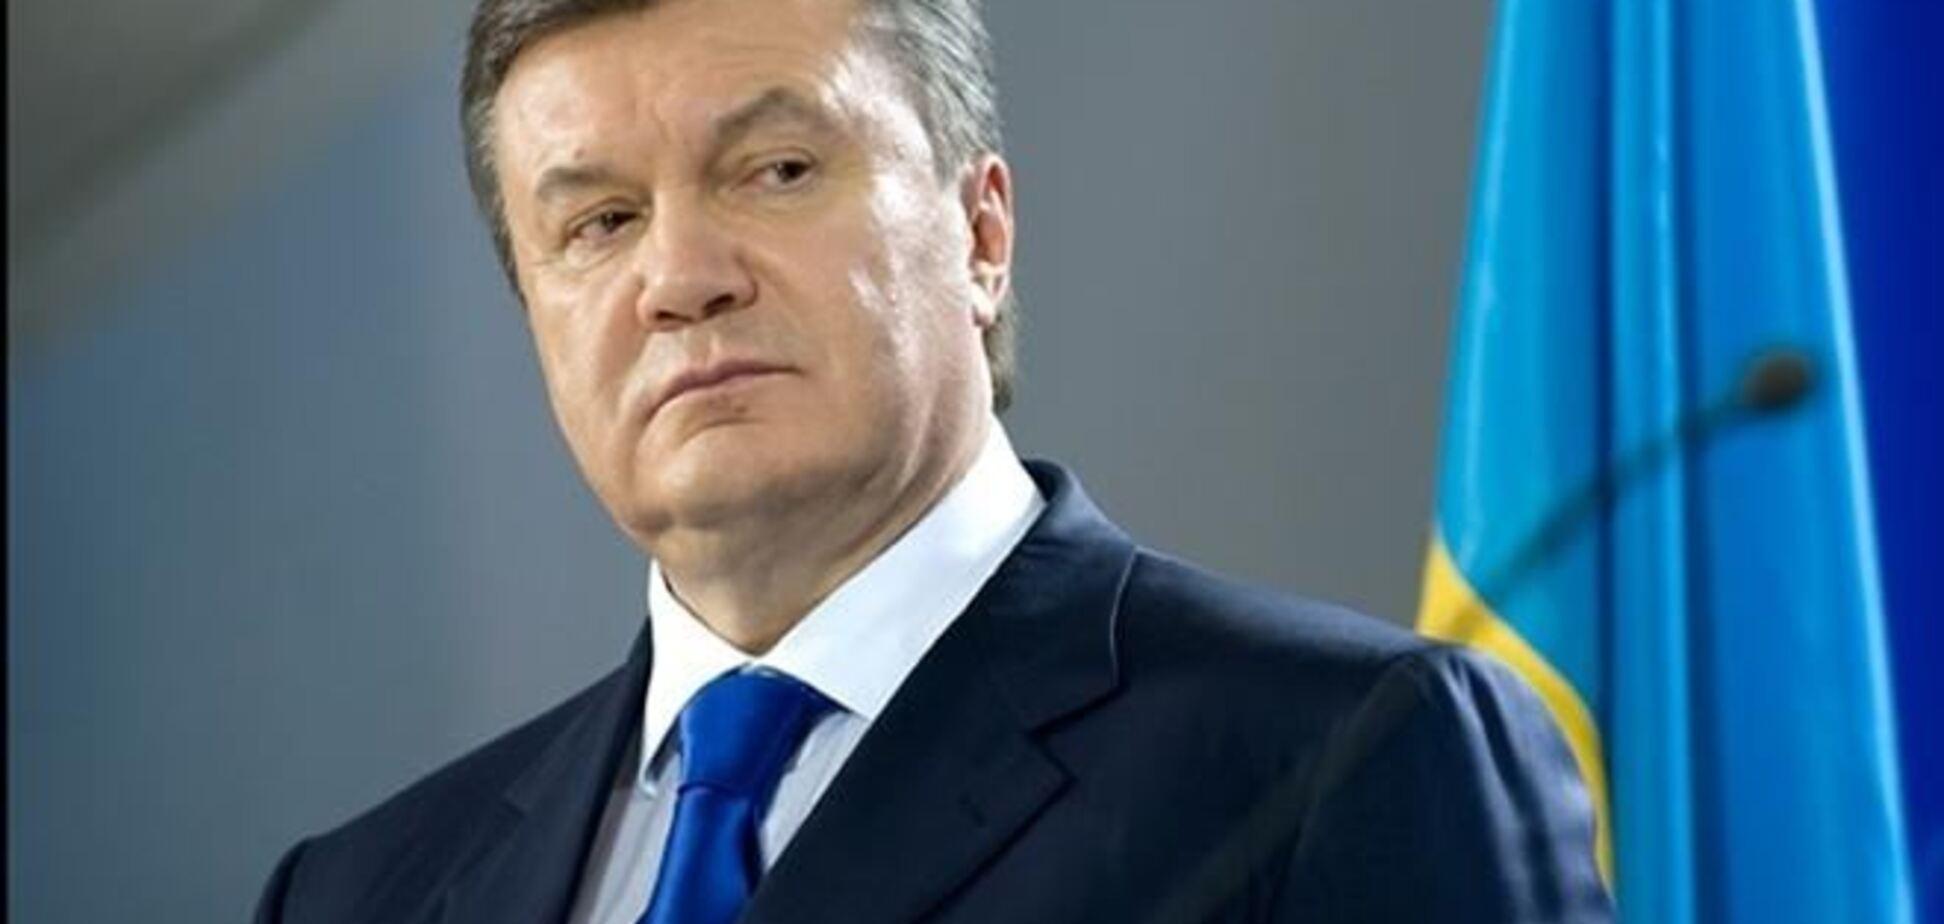 Янукович: Силовики 'перегнули палку', но их могли спровоцировать